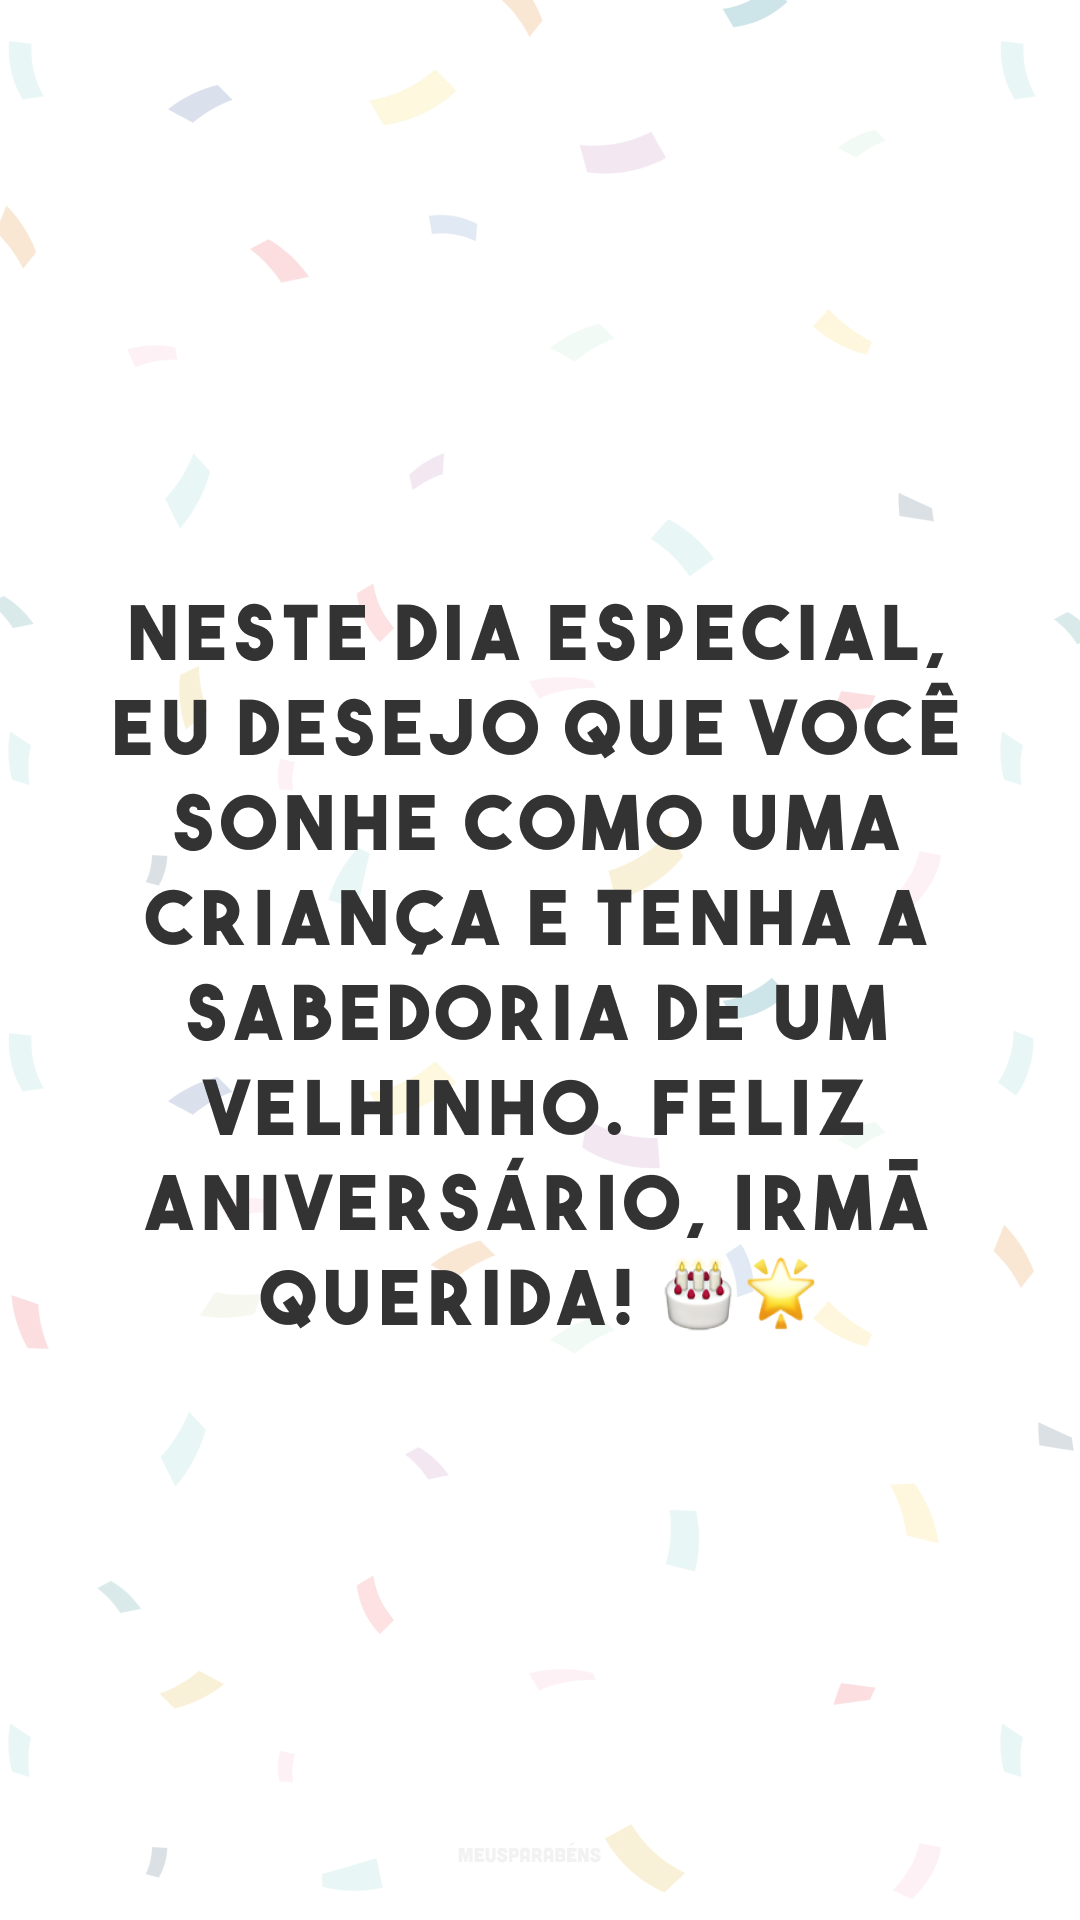 Neste dia especial, eu desejo que você sonhe como uma criança e tenha a sabedoria de um velhinho. Feliz aniversário, irmã querida! 🎂🌟